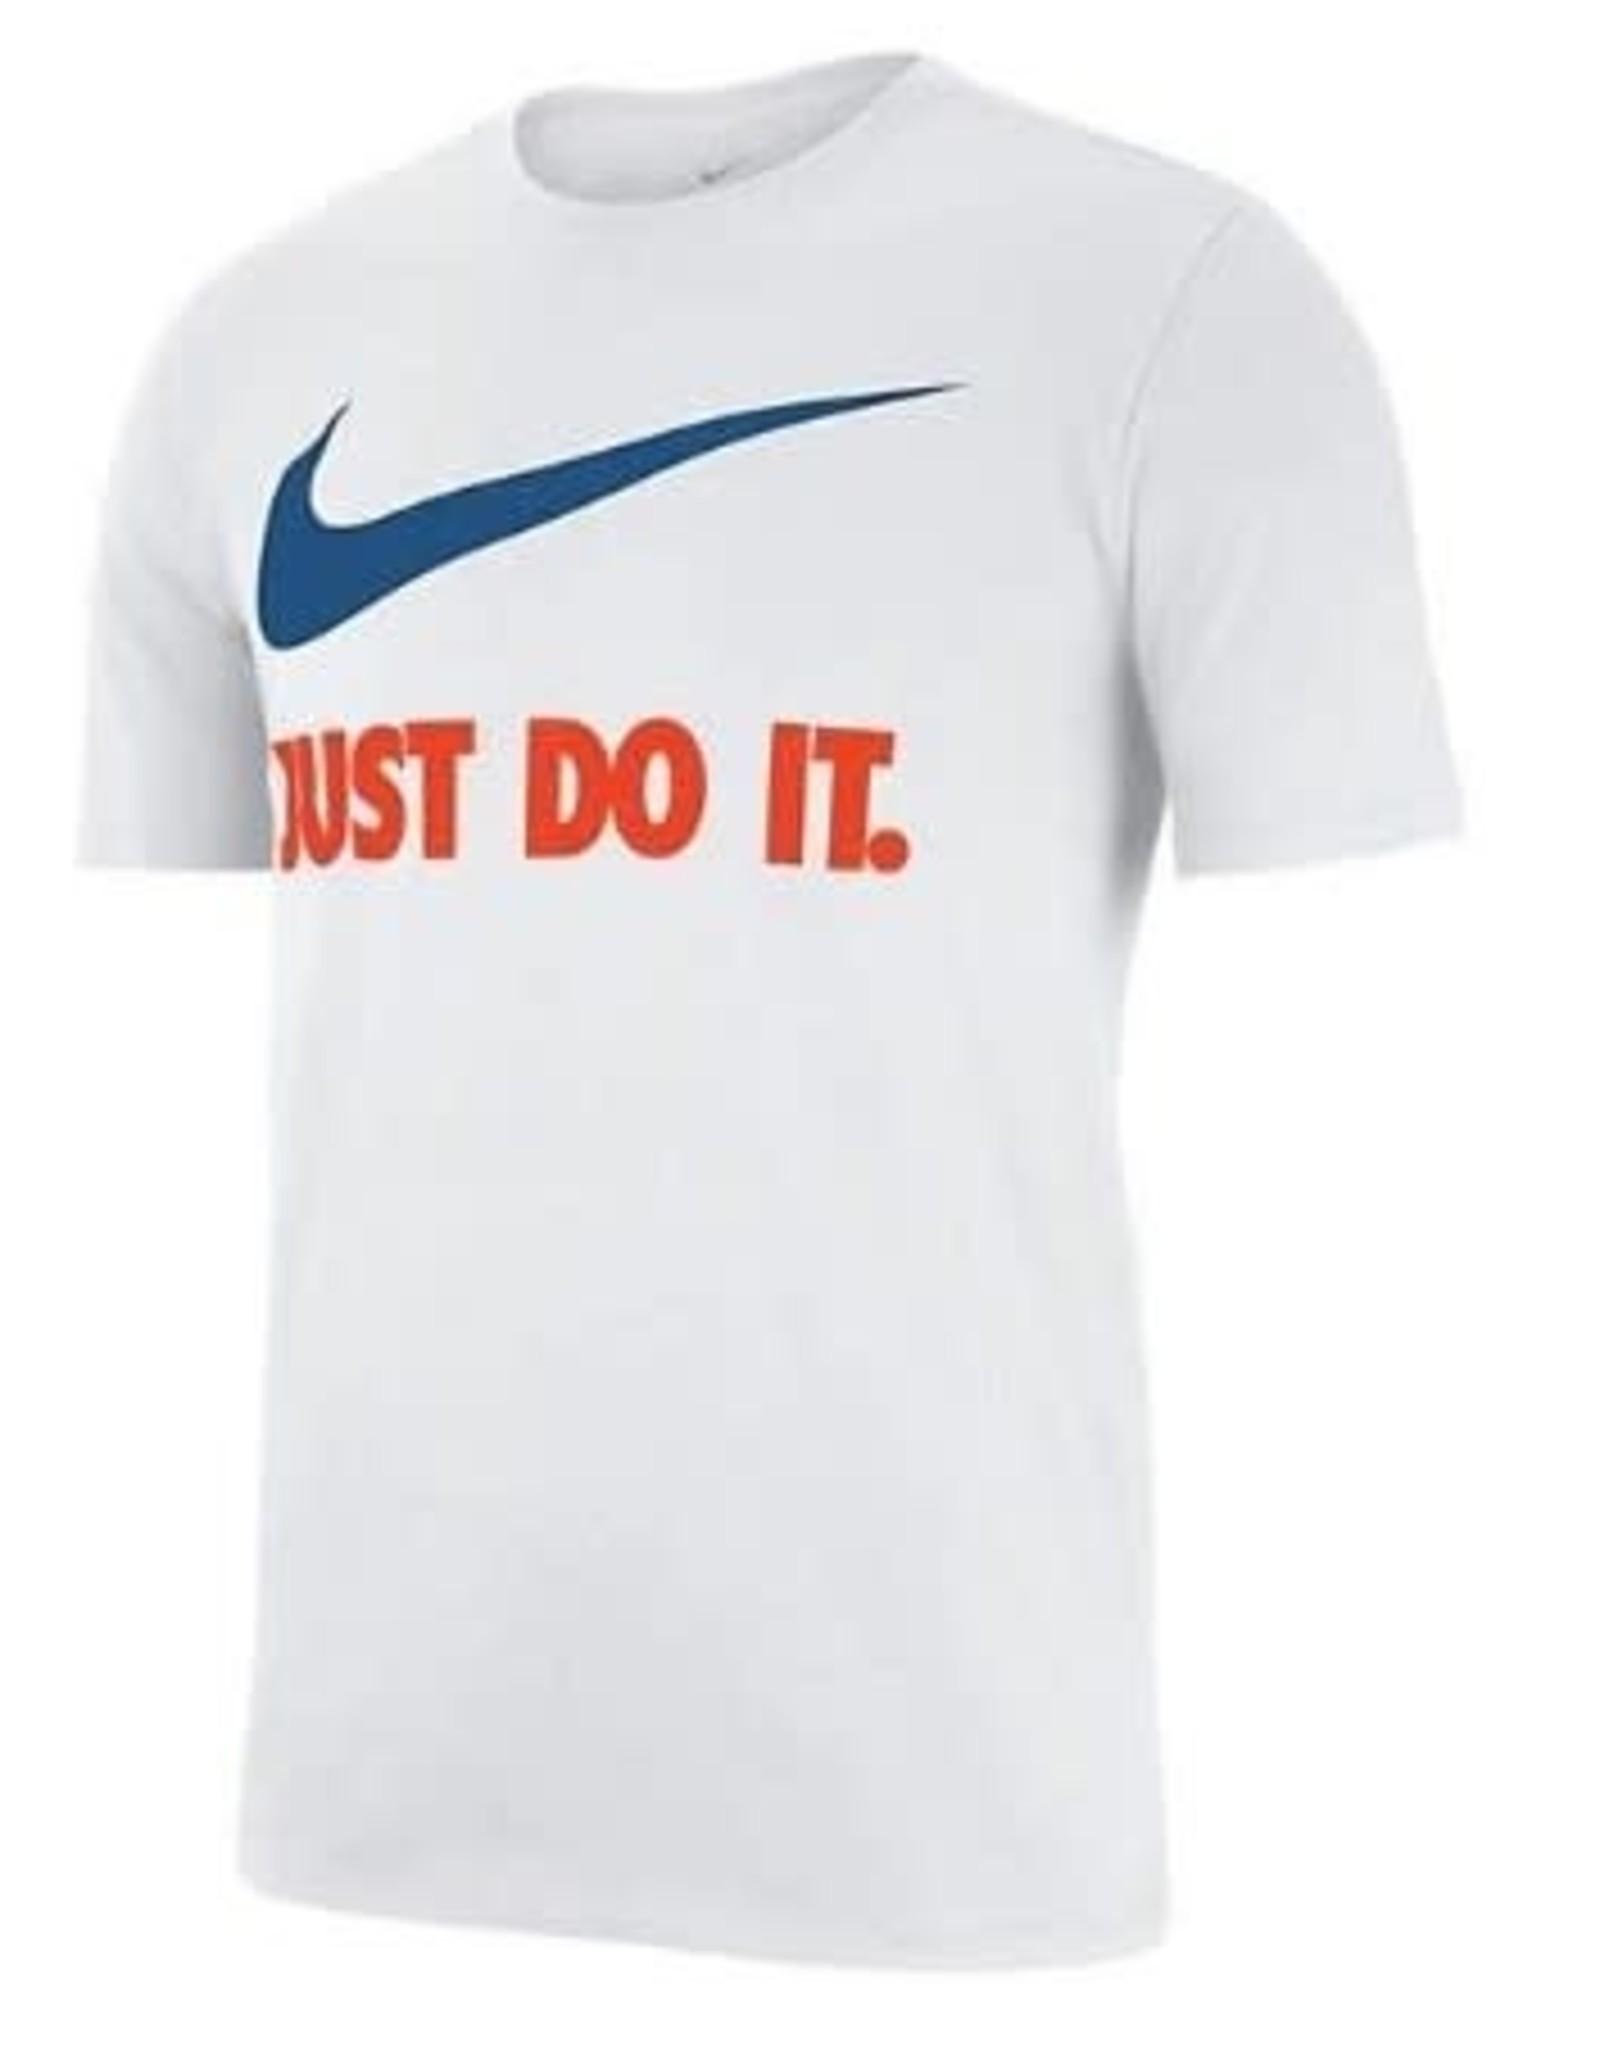 Nike Nike Just Do It Swoosh Tee